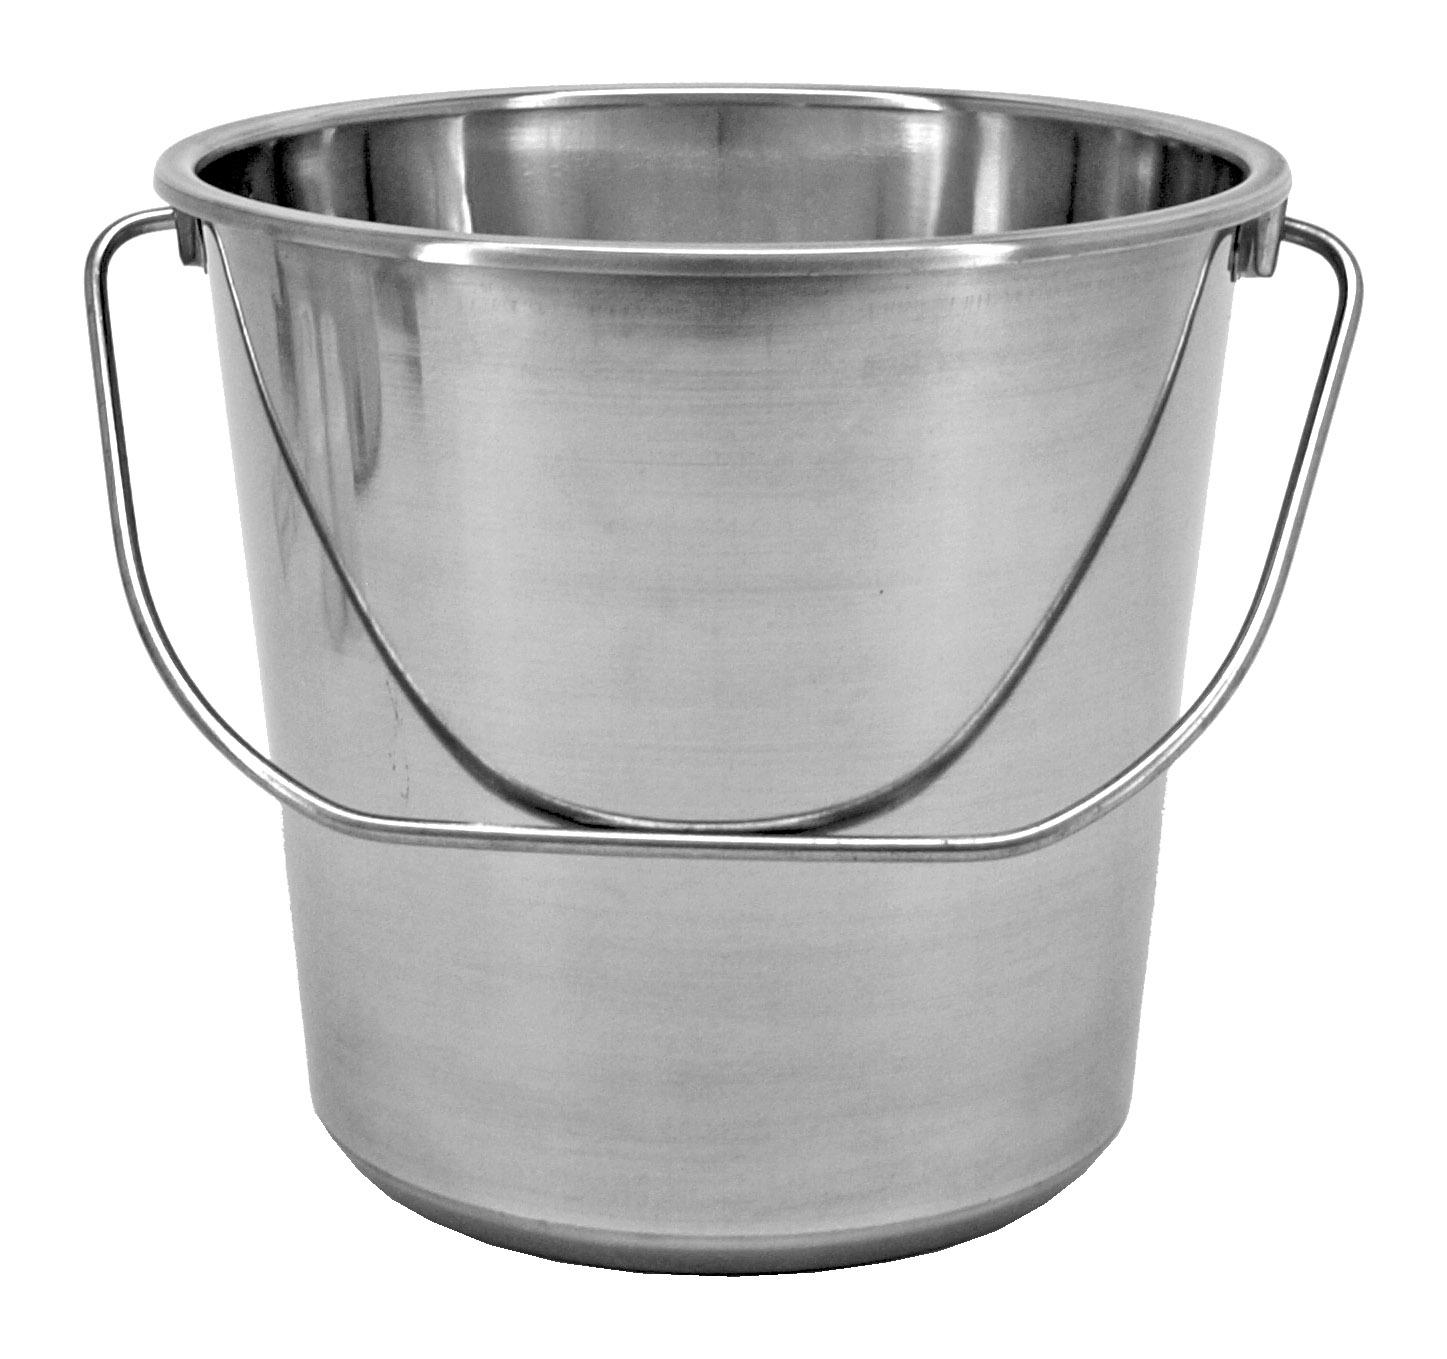 4.22 Gallon Stainless Steel Bucket